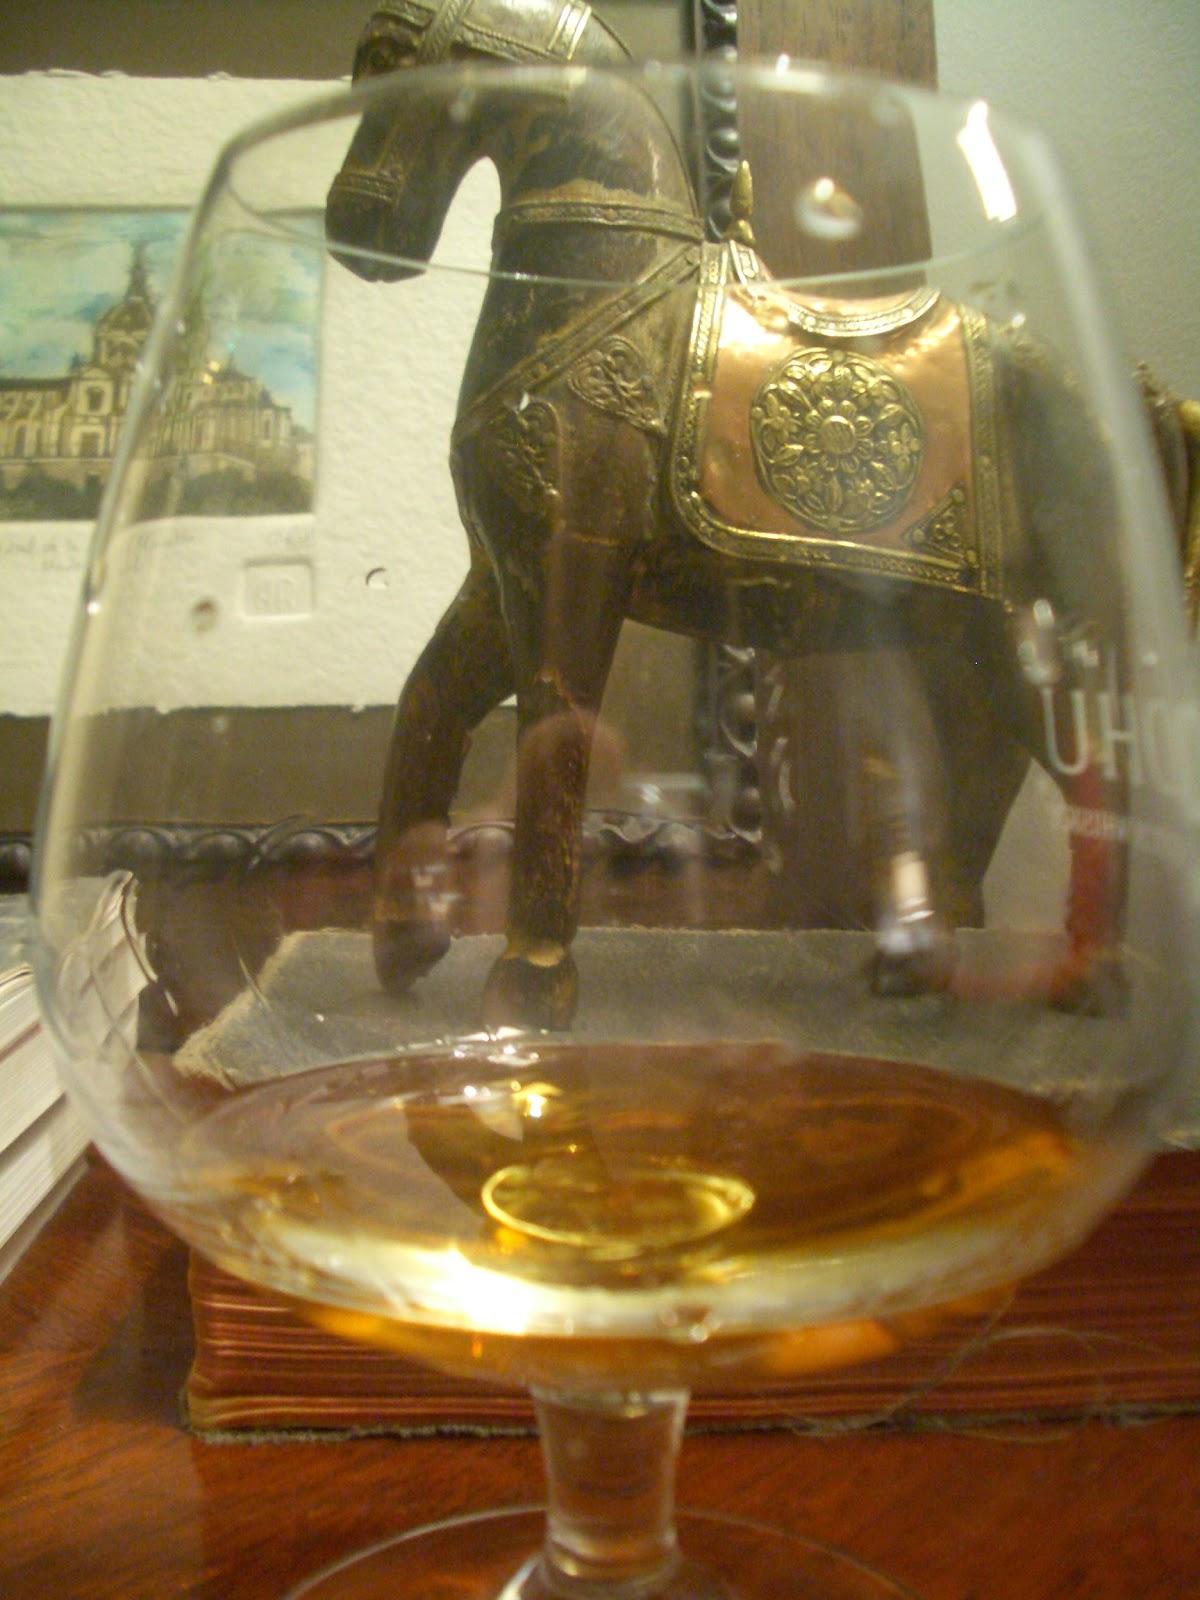 Introducción al Whisky - Whisky - güisqui - RAE - Álvaro García - alvarogp - el gastrónomo - el troblogdita